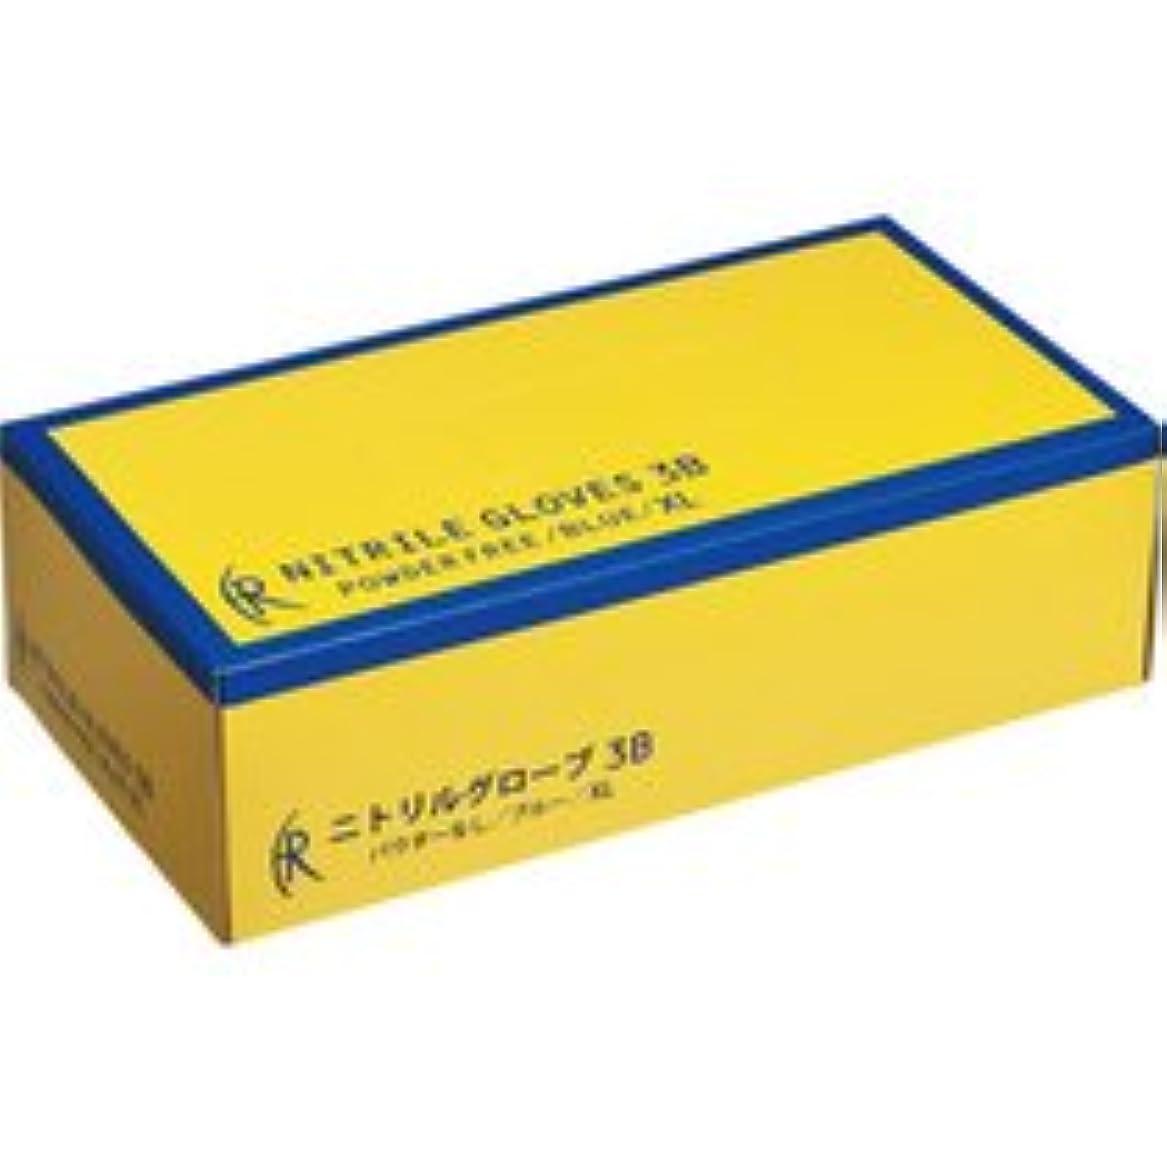 マニュアル十分ではないアルカトラズ島ファーストレイト ニトリルグローブ3B パウダーフリー XL FR-5664 1箱(200枚)